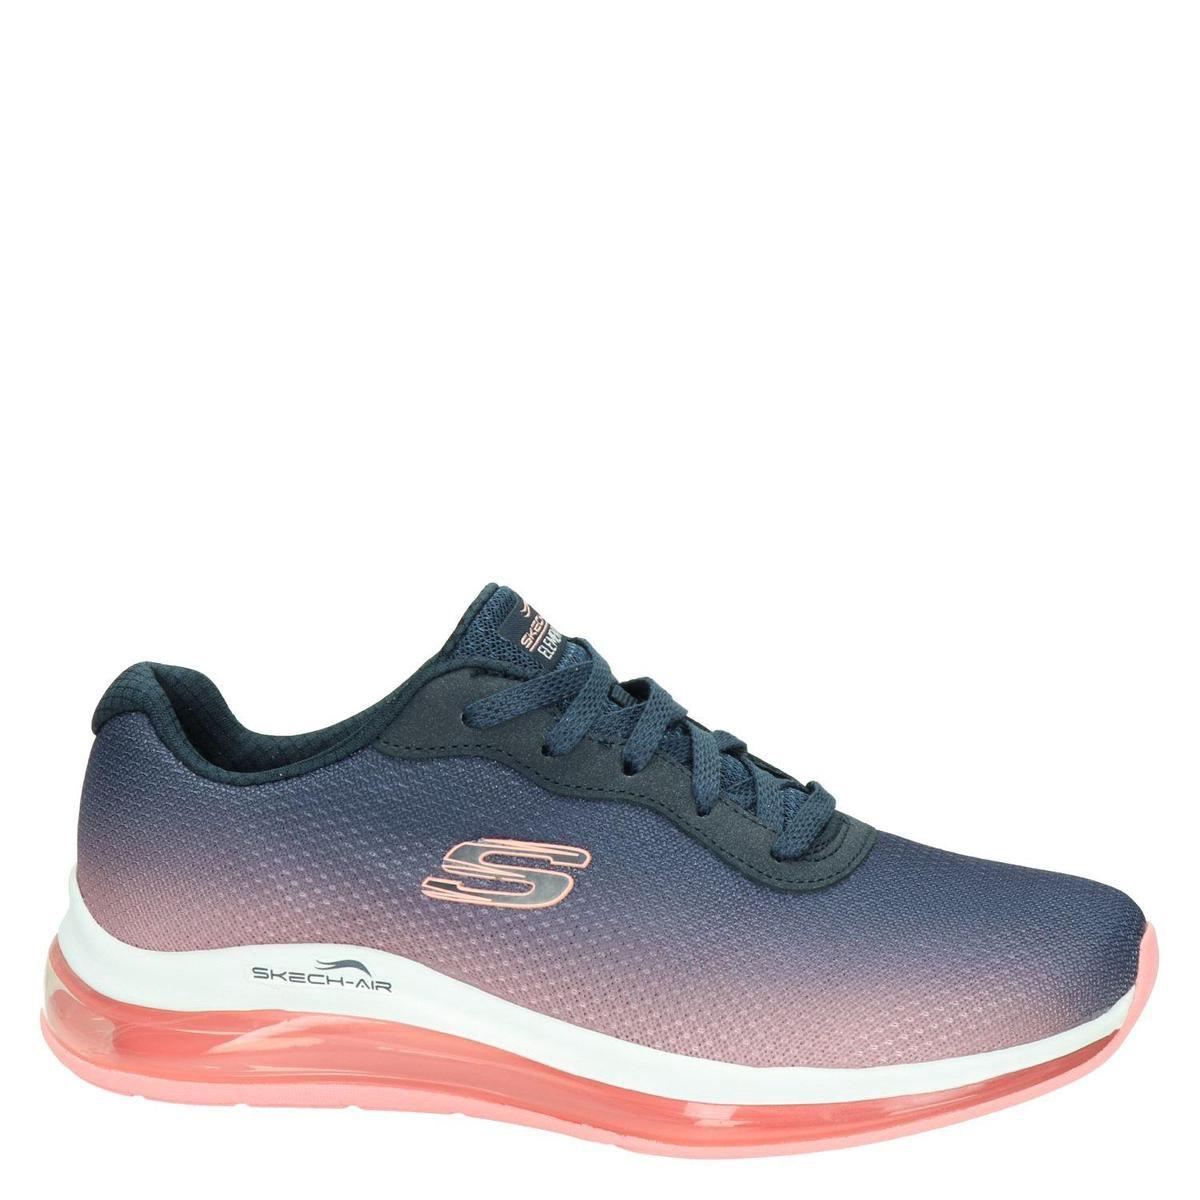 Skechers Skech Air Infinity Dames Sneakers - Navy - Maat 38